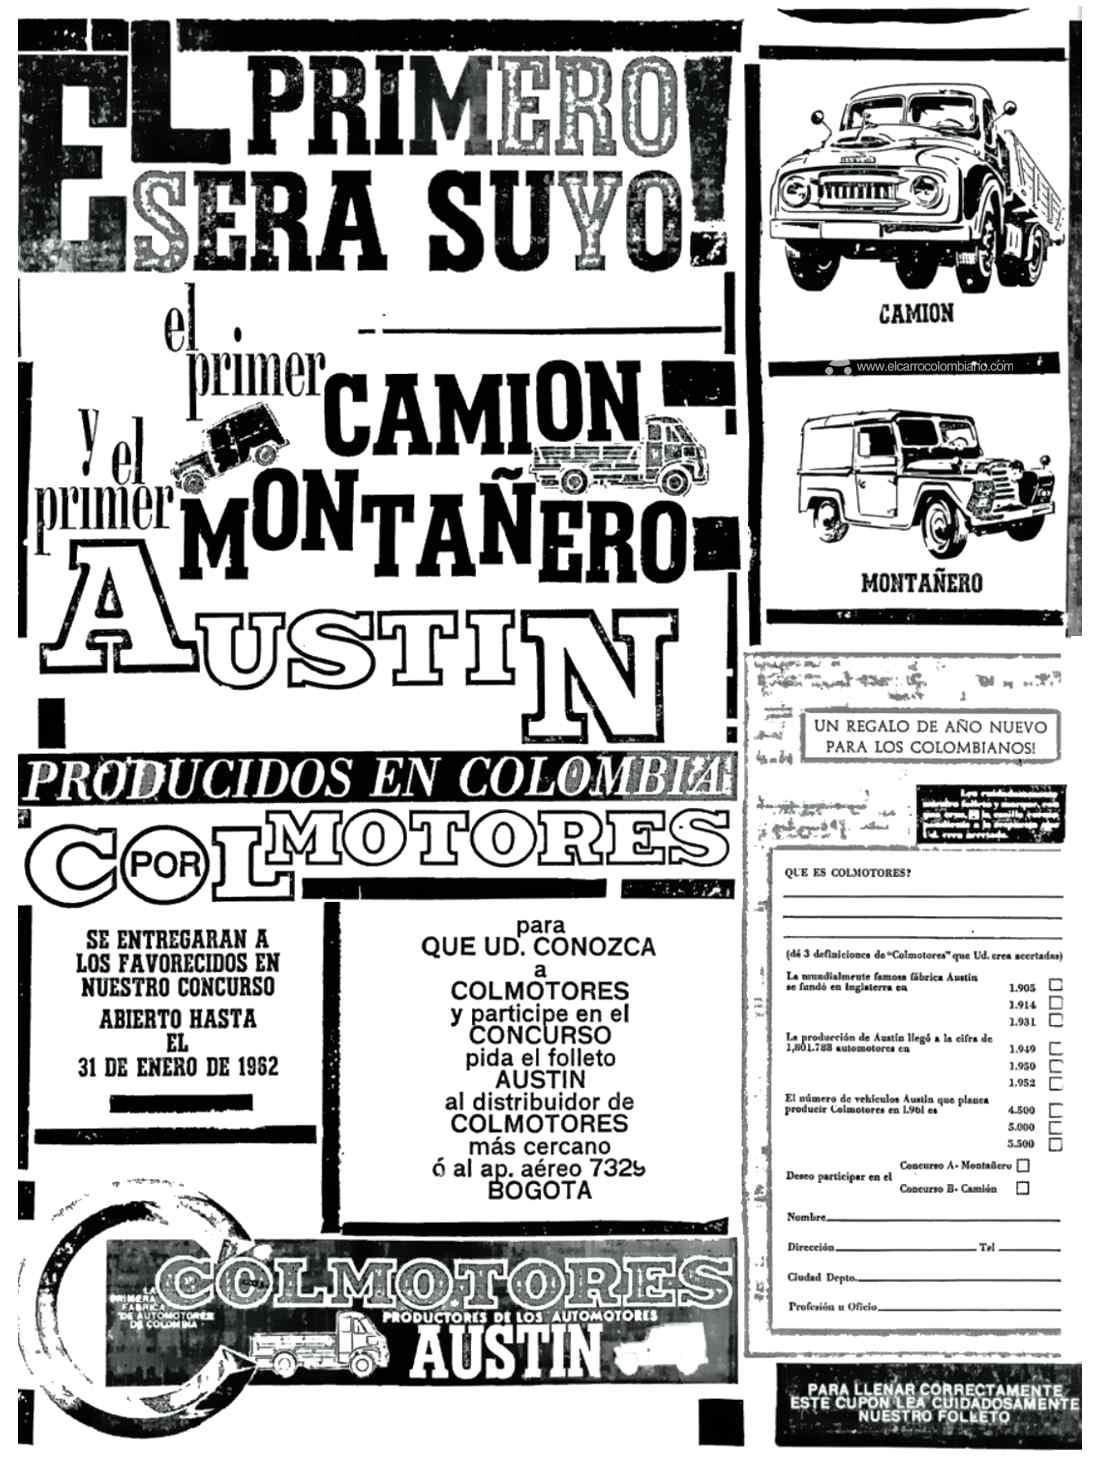 Primera publicidad de Austin Colmotores